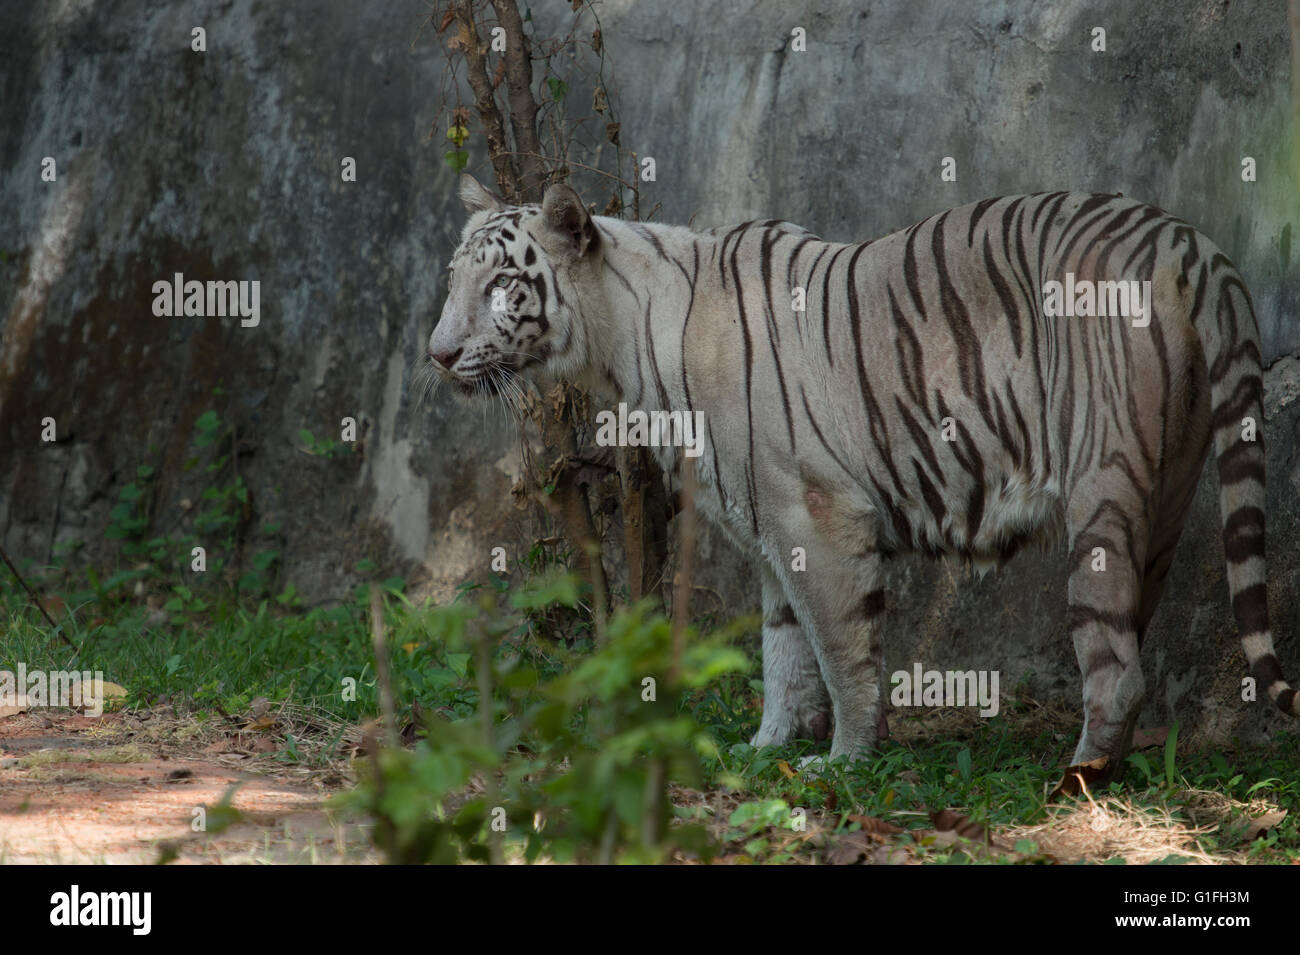 White Royal Bengal tiger (Panthera tigris tigris), Felidae, Asia - Stock Image